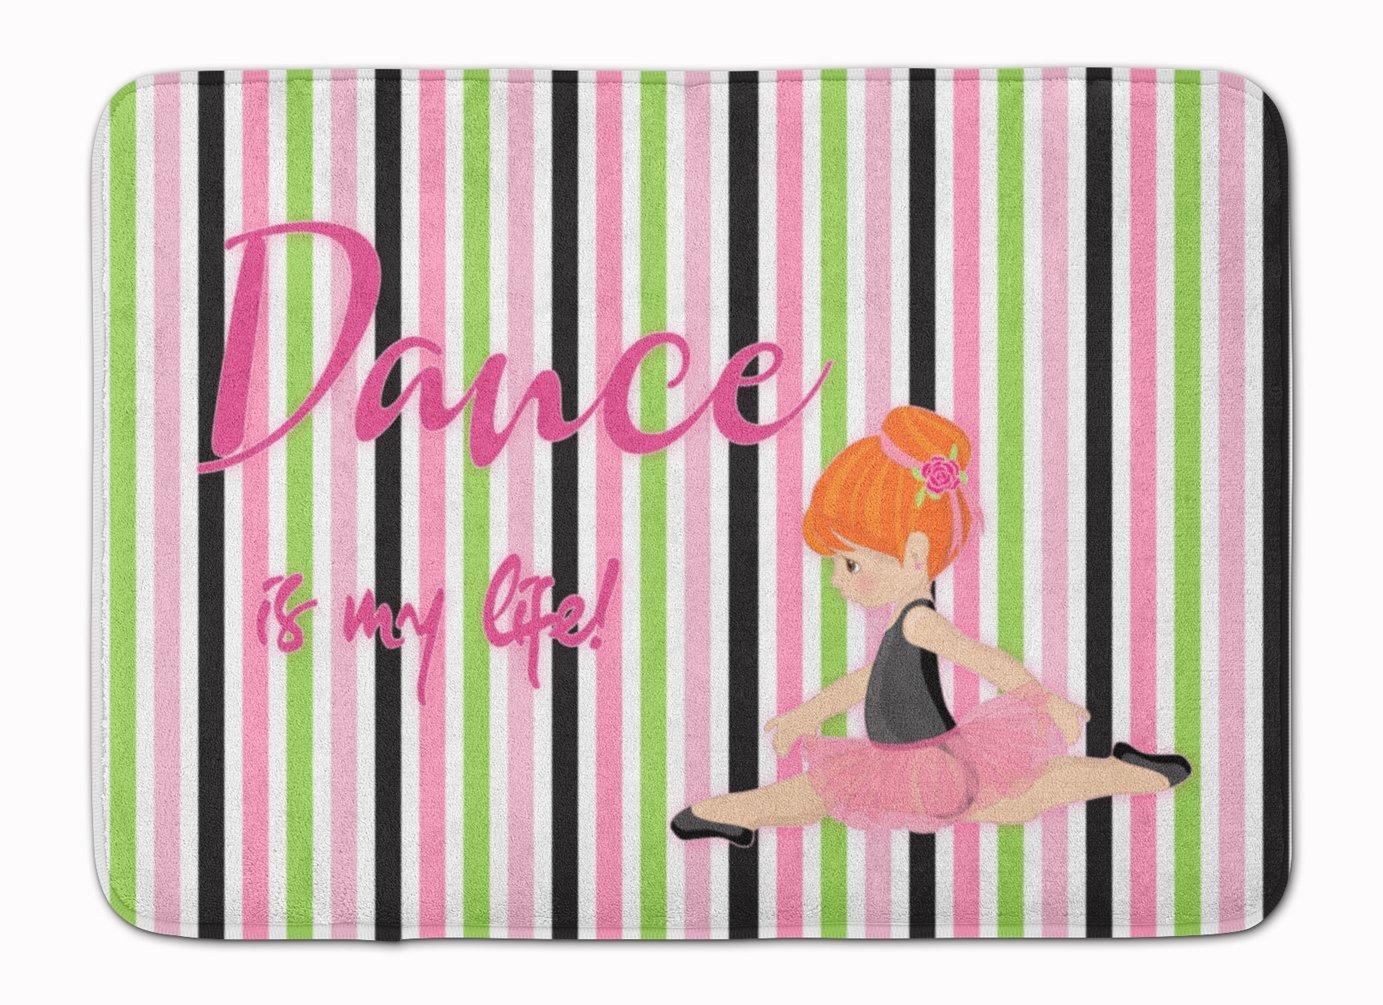 Caroline's Treasures Ballet Dance is my Life Red Floor Mat, 19 H x 27 W'', Multicolor